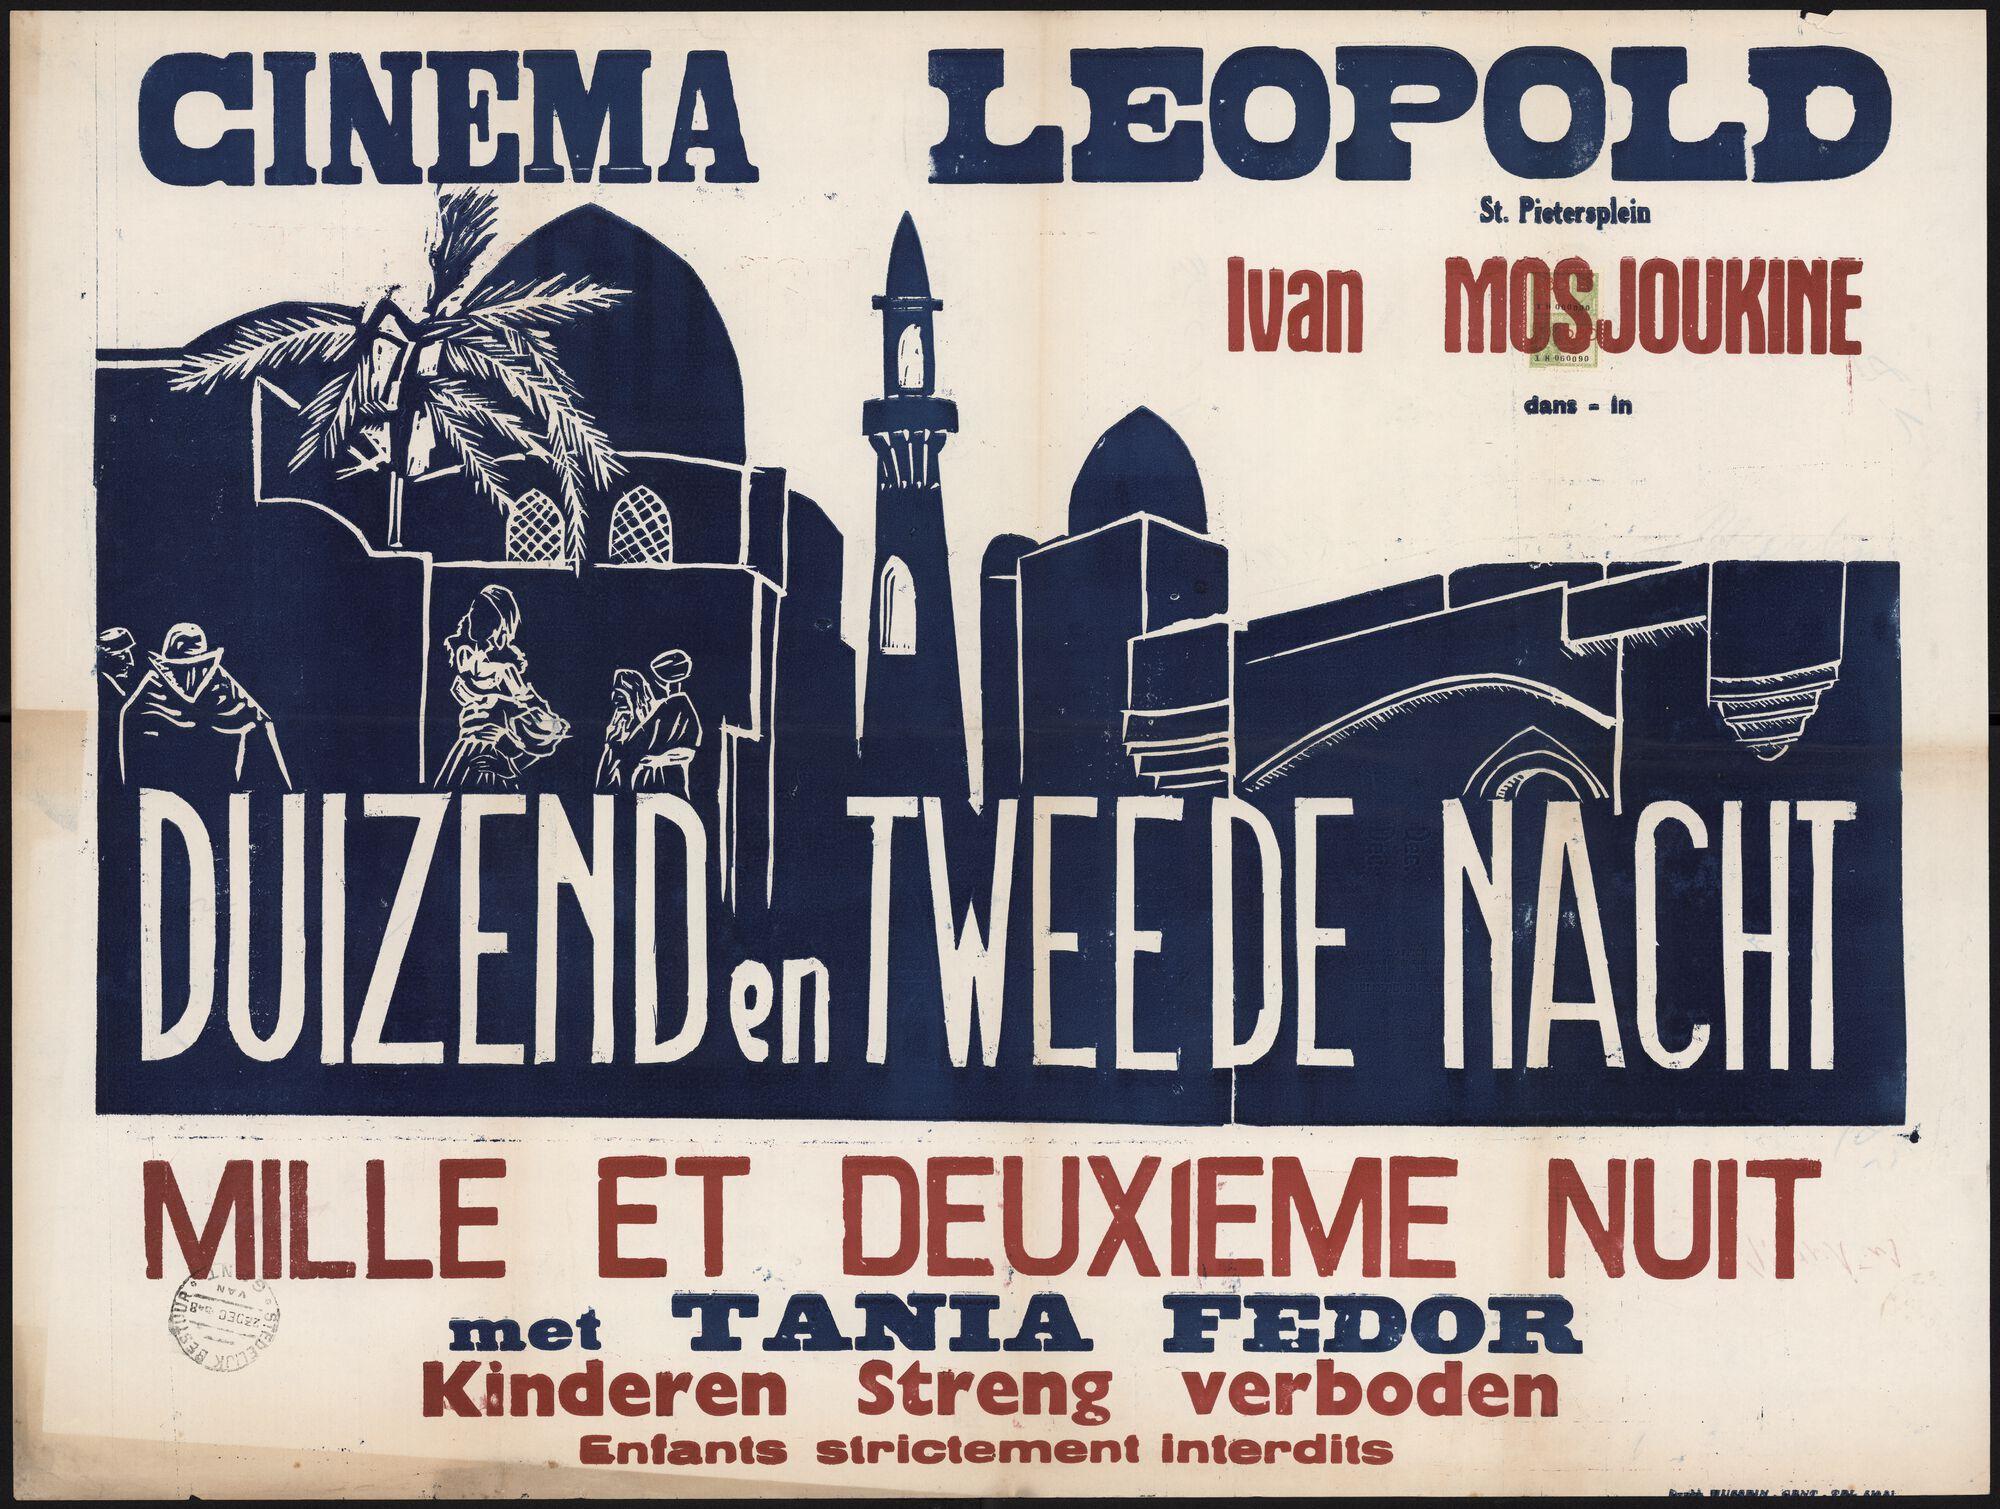 Mille et deuxième nuit | Duizend en tweede nacht, Cinema Leopold, Gent, december 1948